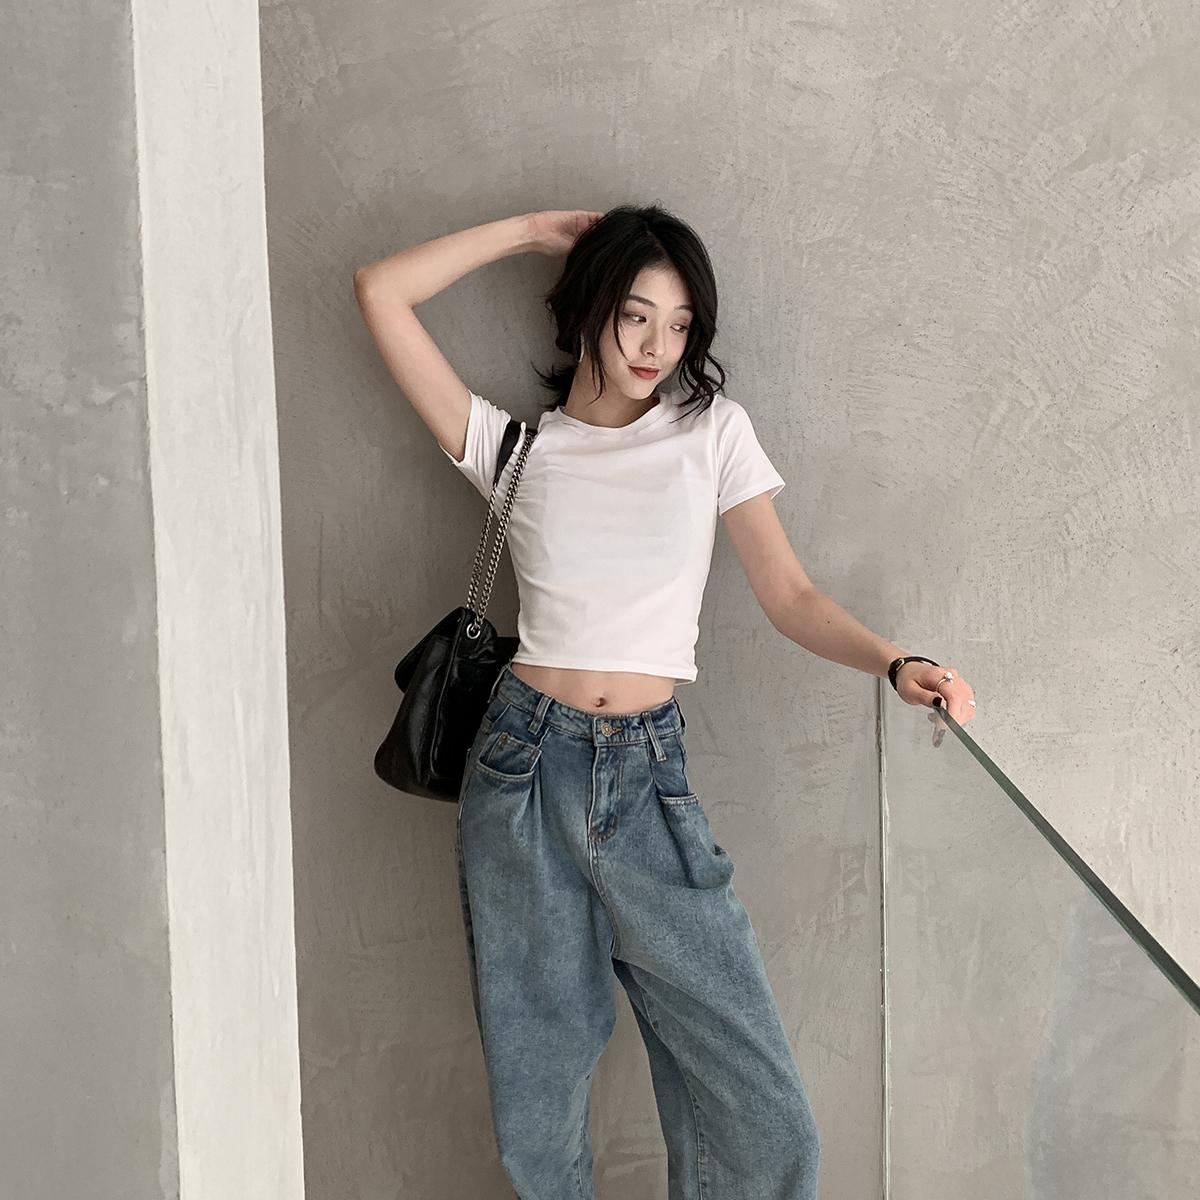 短款短袖网红t恤女2019夏潮打底衫